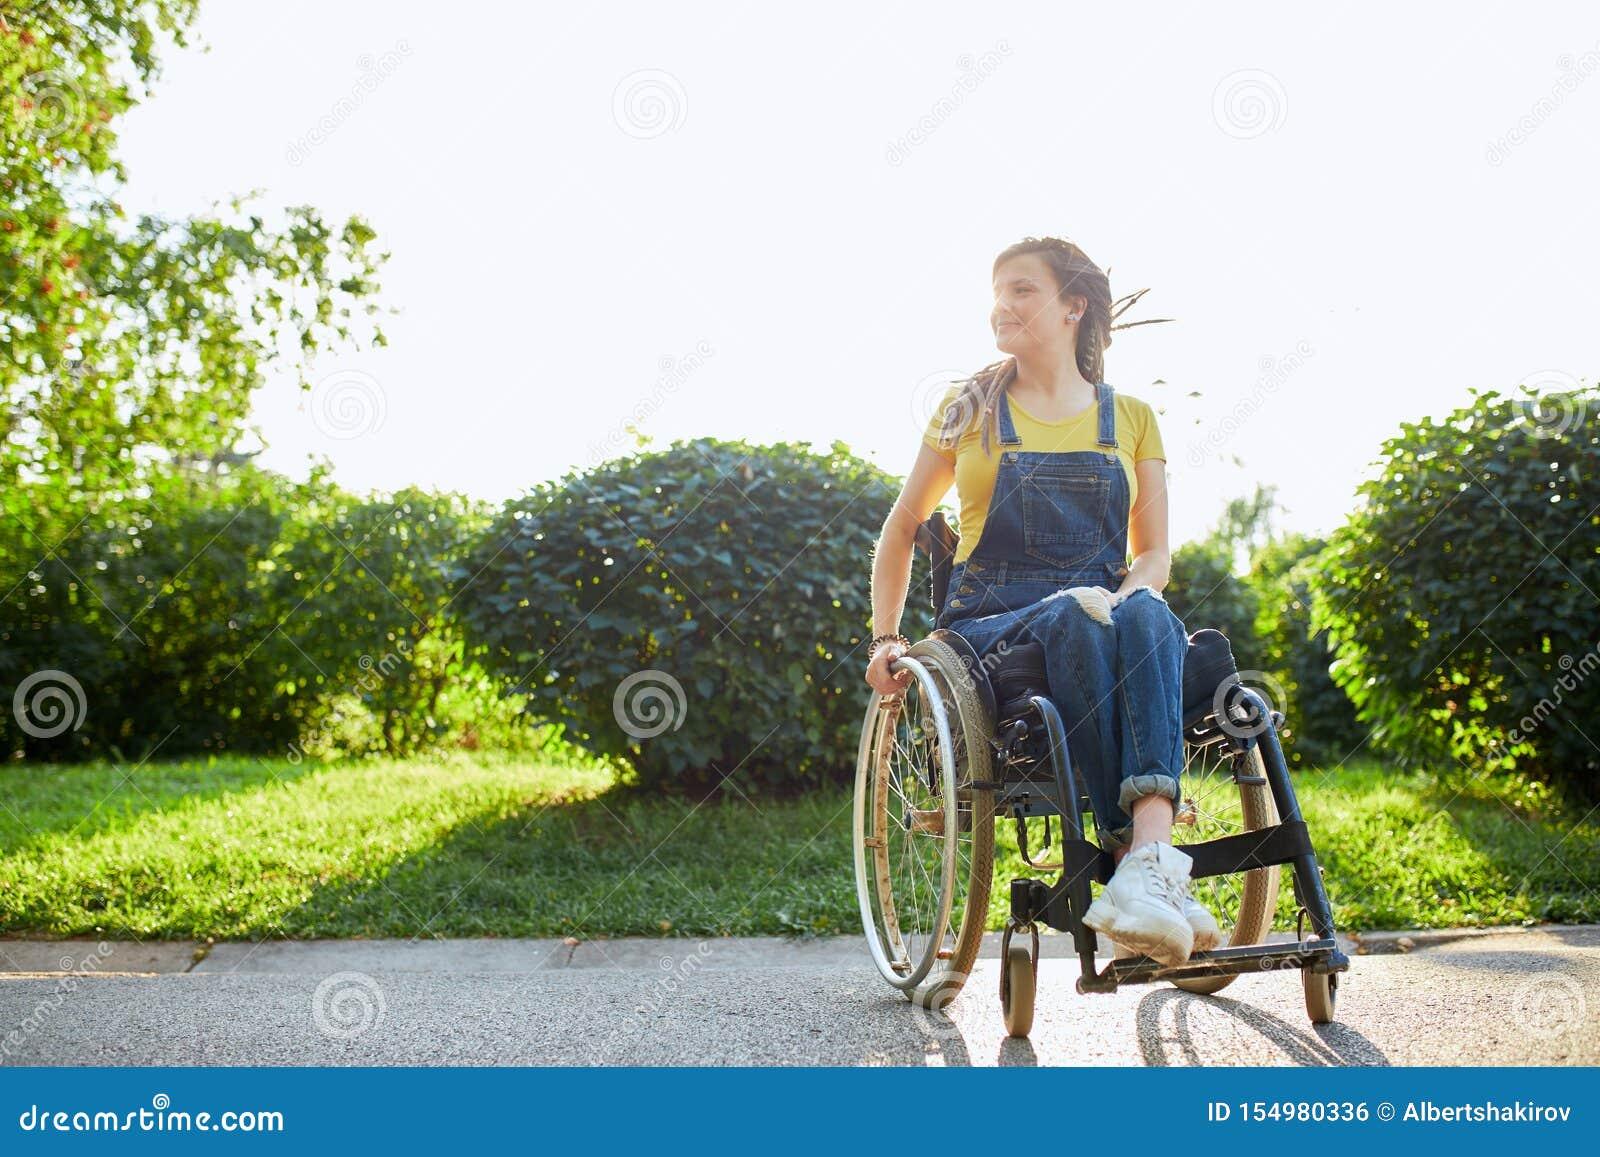 Mädchen nackt im Rollstuhl